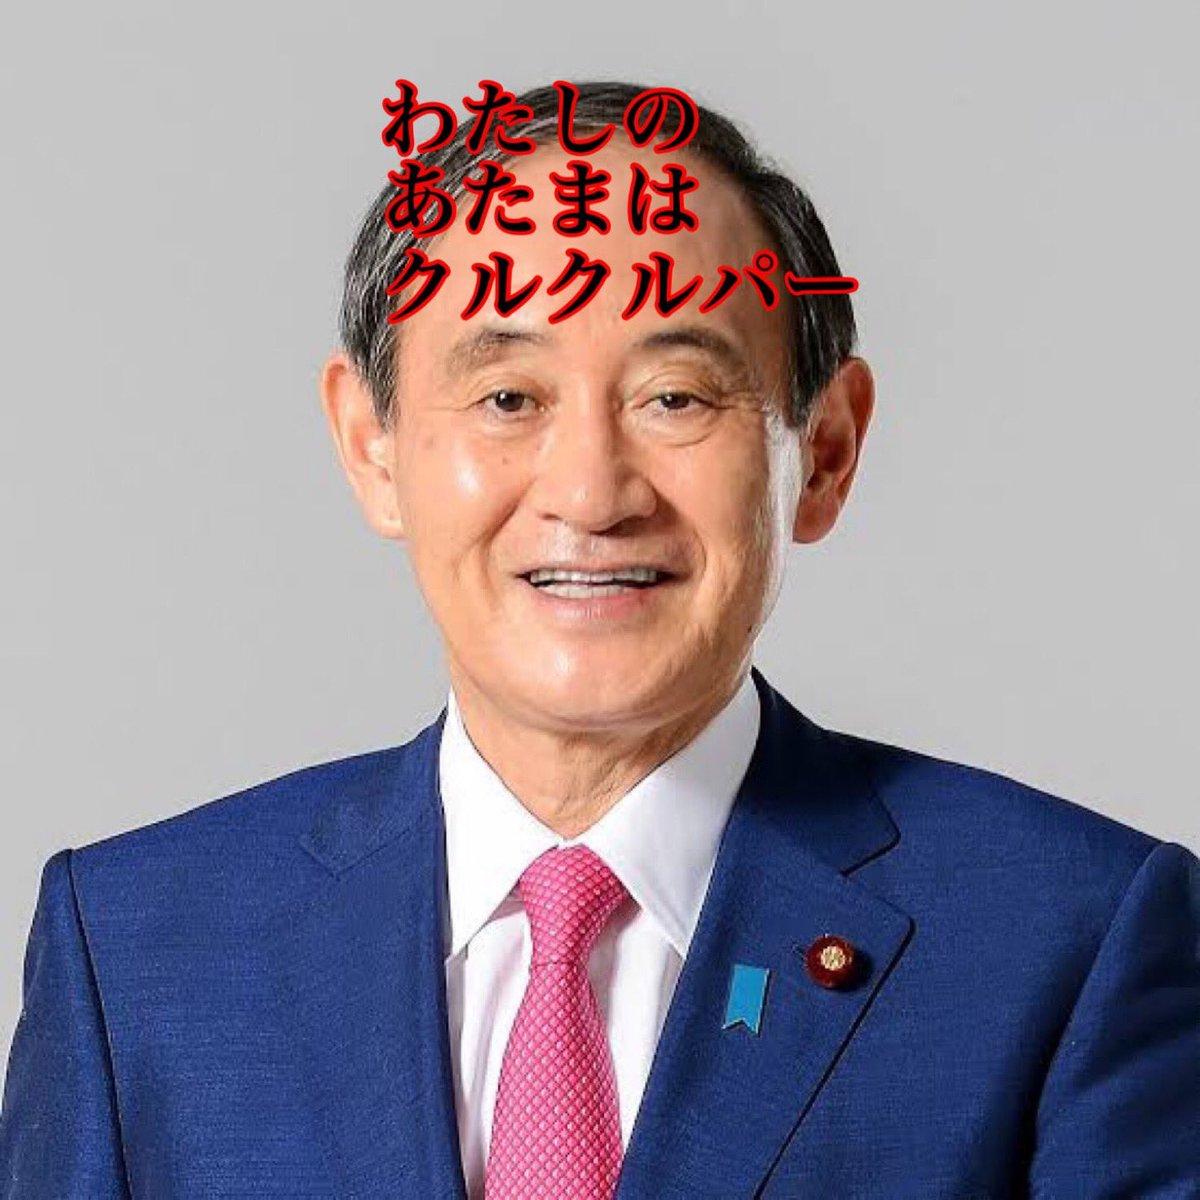 test ツイッターメディア - @ray202019 @tomi298924352 でも、必ず終わりが来る!「日本の借金は将来のツケ」なんて嘘もバレ始めてるし、閣僚が無能だしこんな画像がTwitterで出せるうちは、まだ大丈夫でしょう、中共みたいに経済成長して全て国民監視されちゃうと最悪だけど、こんな貧相なジジイに独裁なんかされてたまるか!あの演説じゃヒトラーは無理🤣 https://t.co/8tGGZwzeW1